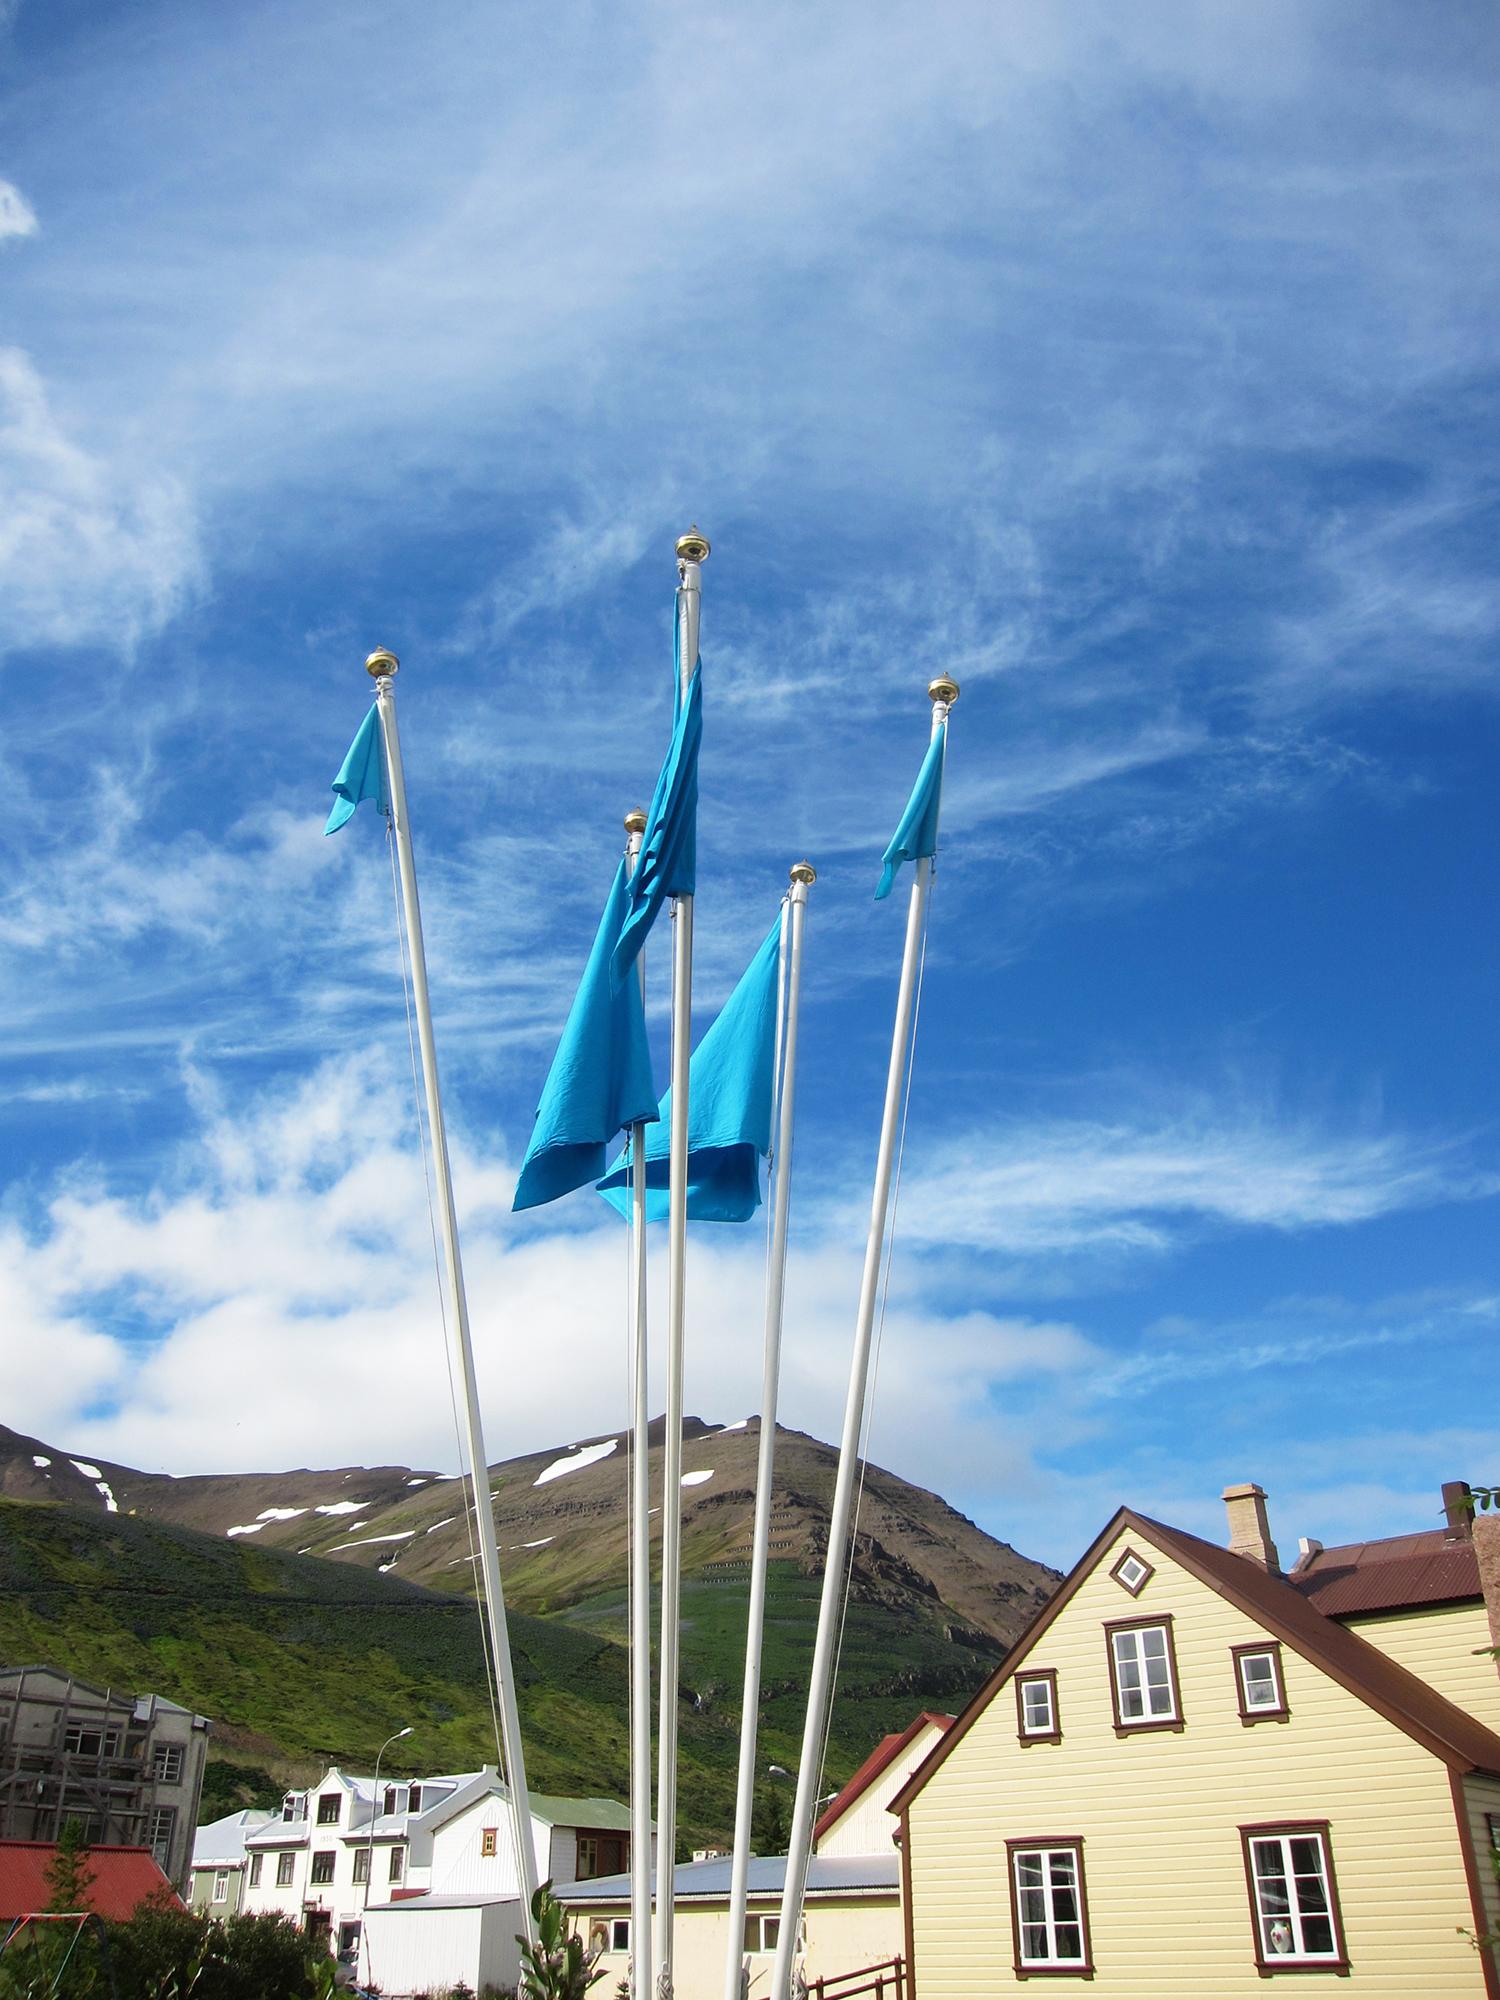 Flags (2013): En tværfaglig gruppe deltagere producerede 136 flag i forskellige størrelser – et til hver flagstang i byen. På REITIRs åbningsdag blev samtlige flag hejst på samme tid i en koordineret kæmpeperformance.